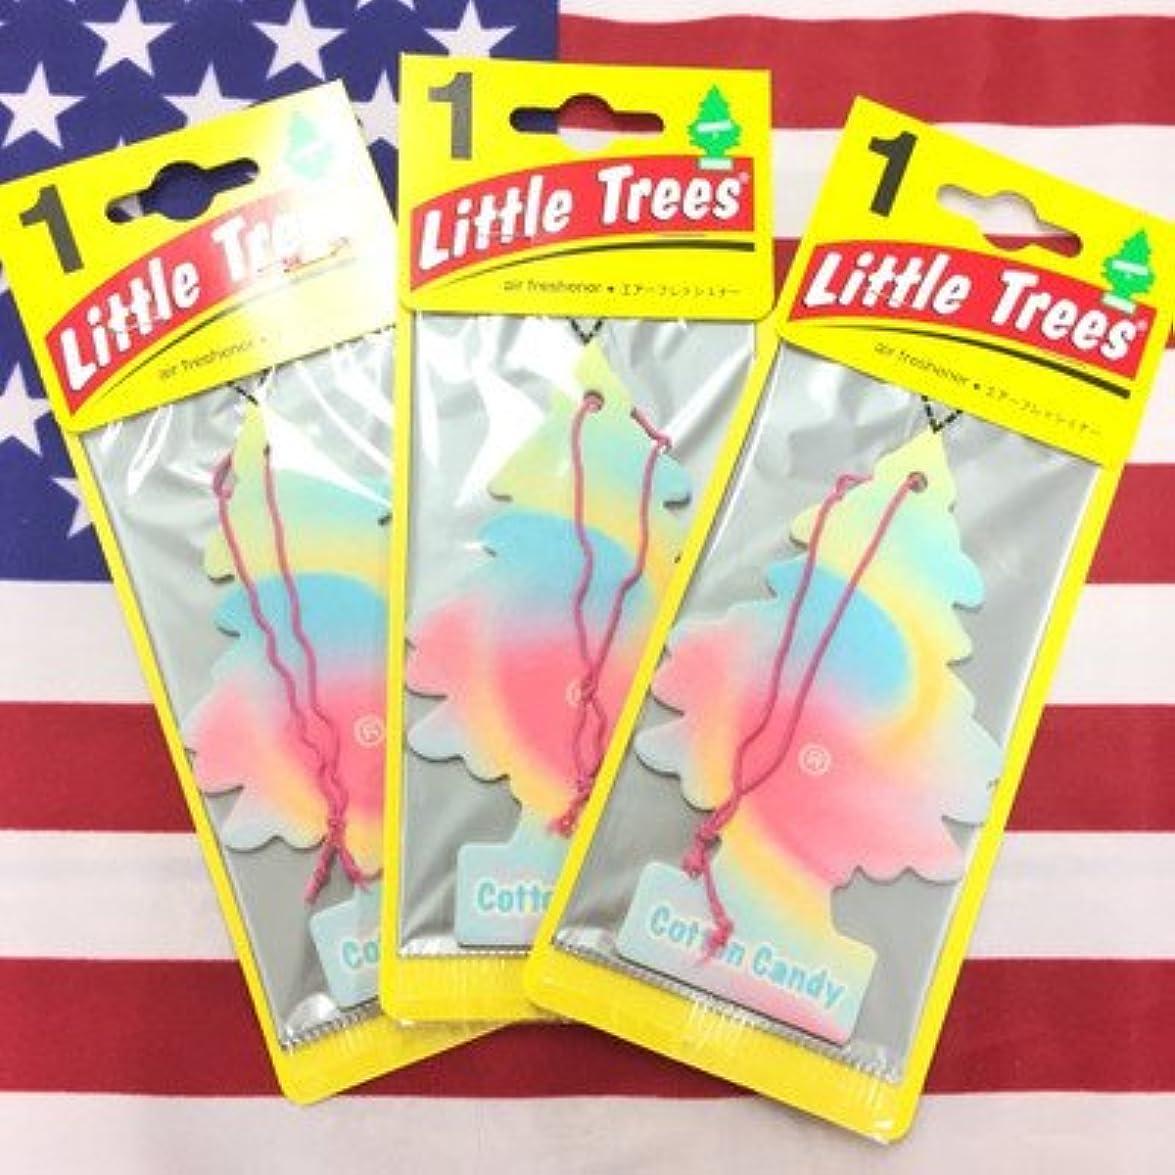 放牧する温度計手順リトルツリー コットンキャンディー エアフレッシュナー 3枚セット Cotton Candy Little Trees 芳香剤 フレグランス